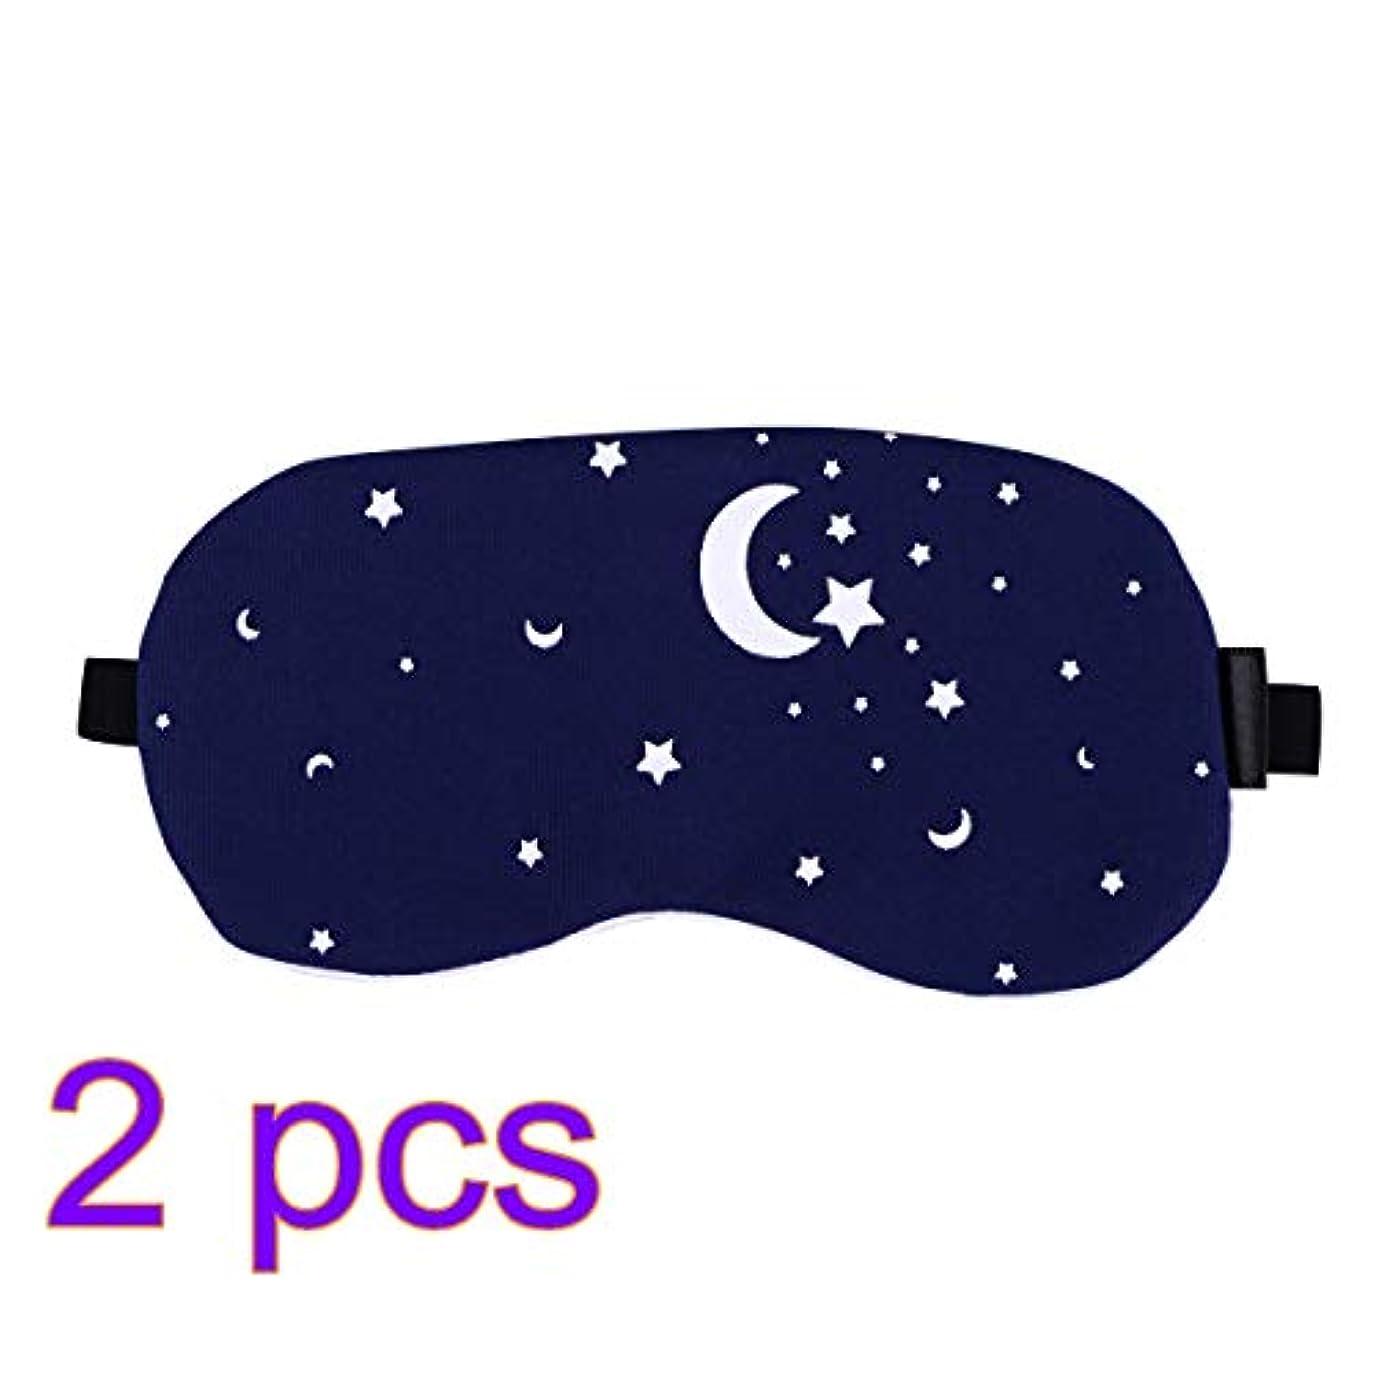 問題広範囲星Healifty コットンとリネンアイスリーピングマスクブラインドパッチアジャストストラップコールド/ホットジェルストレス緩和用女性のためのふくらんでいる目の頭痛を解消2pcs(Starry Sky)